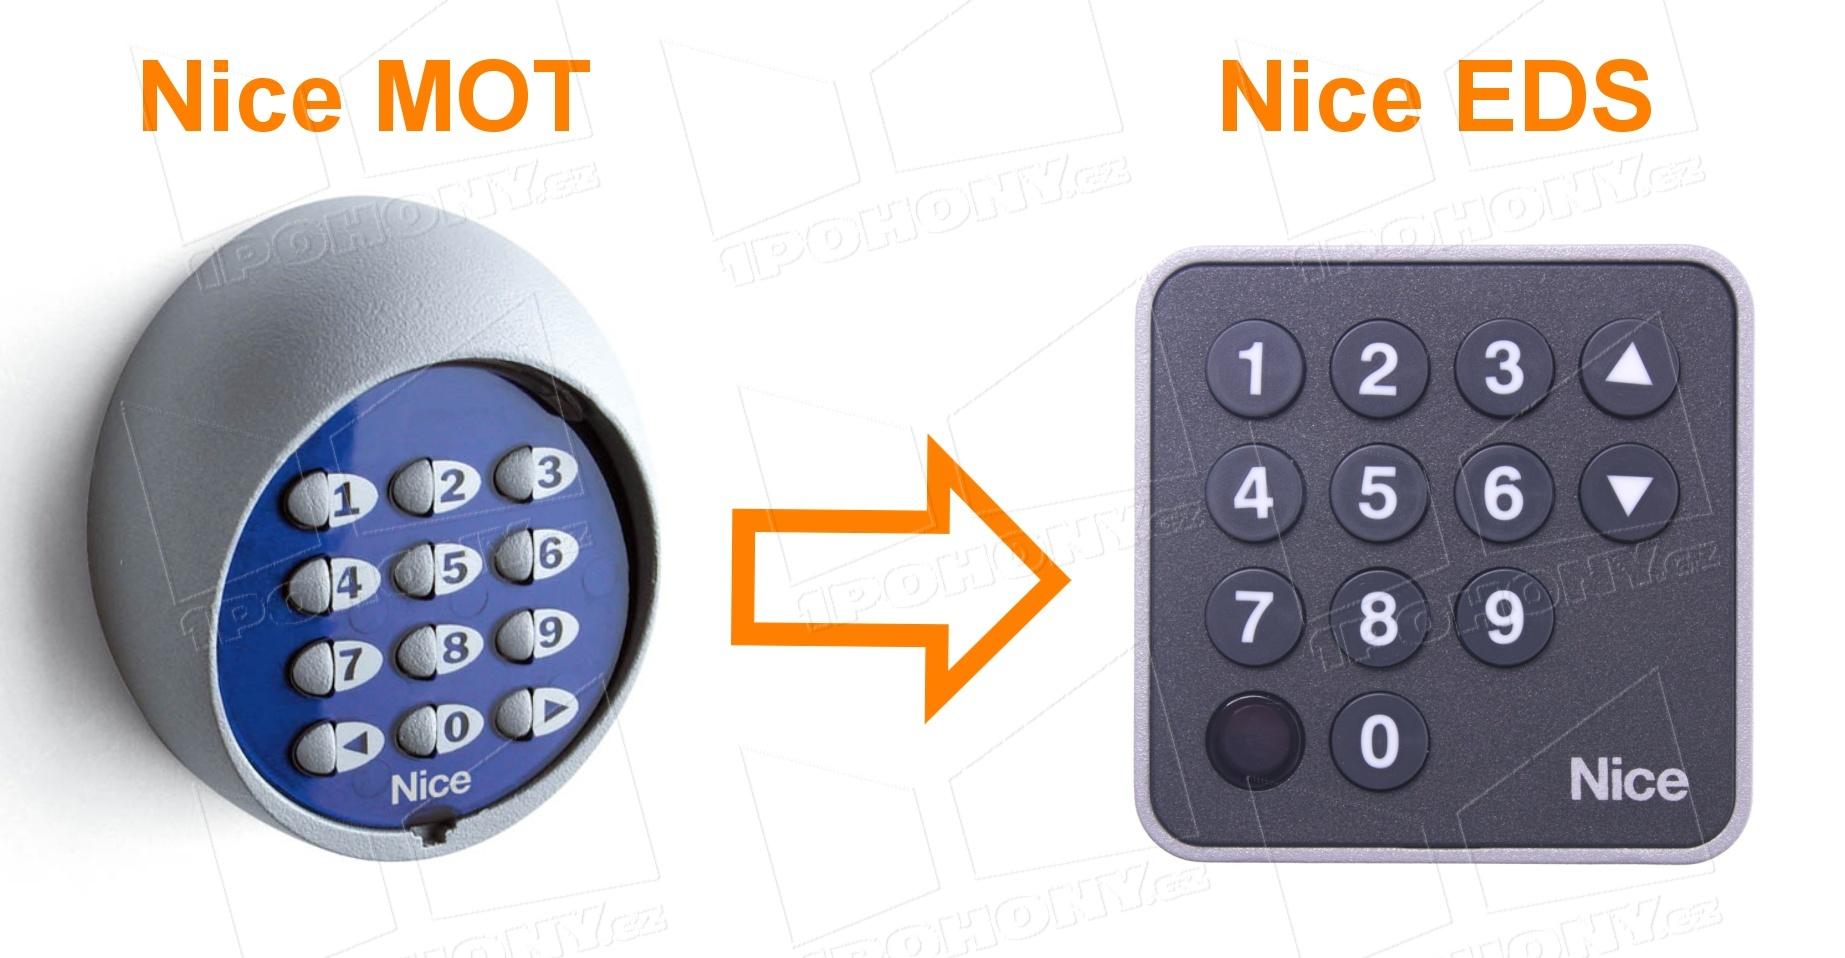 11406-114120-Nice-MOT-Nice-EDS-010-s